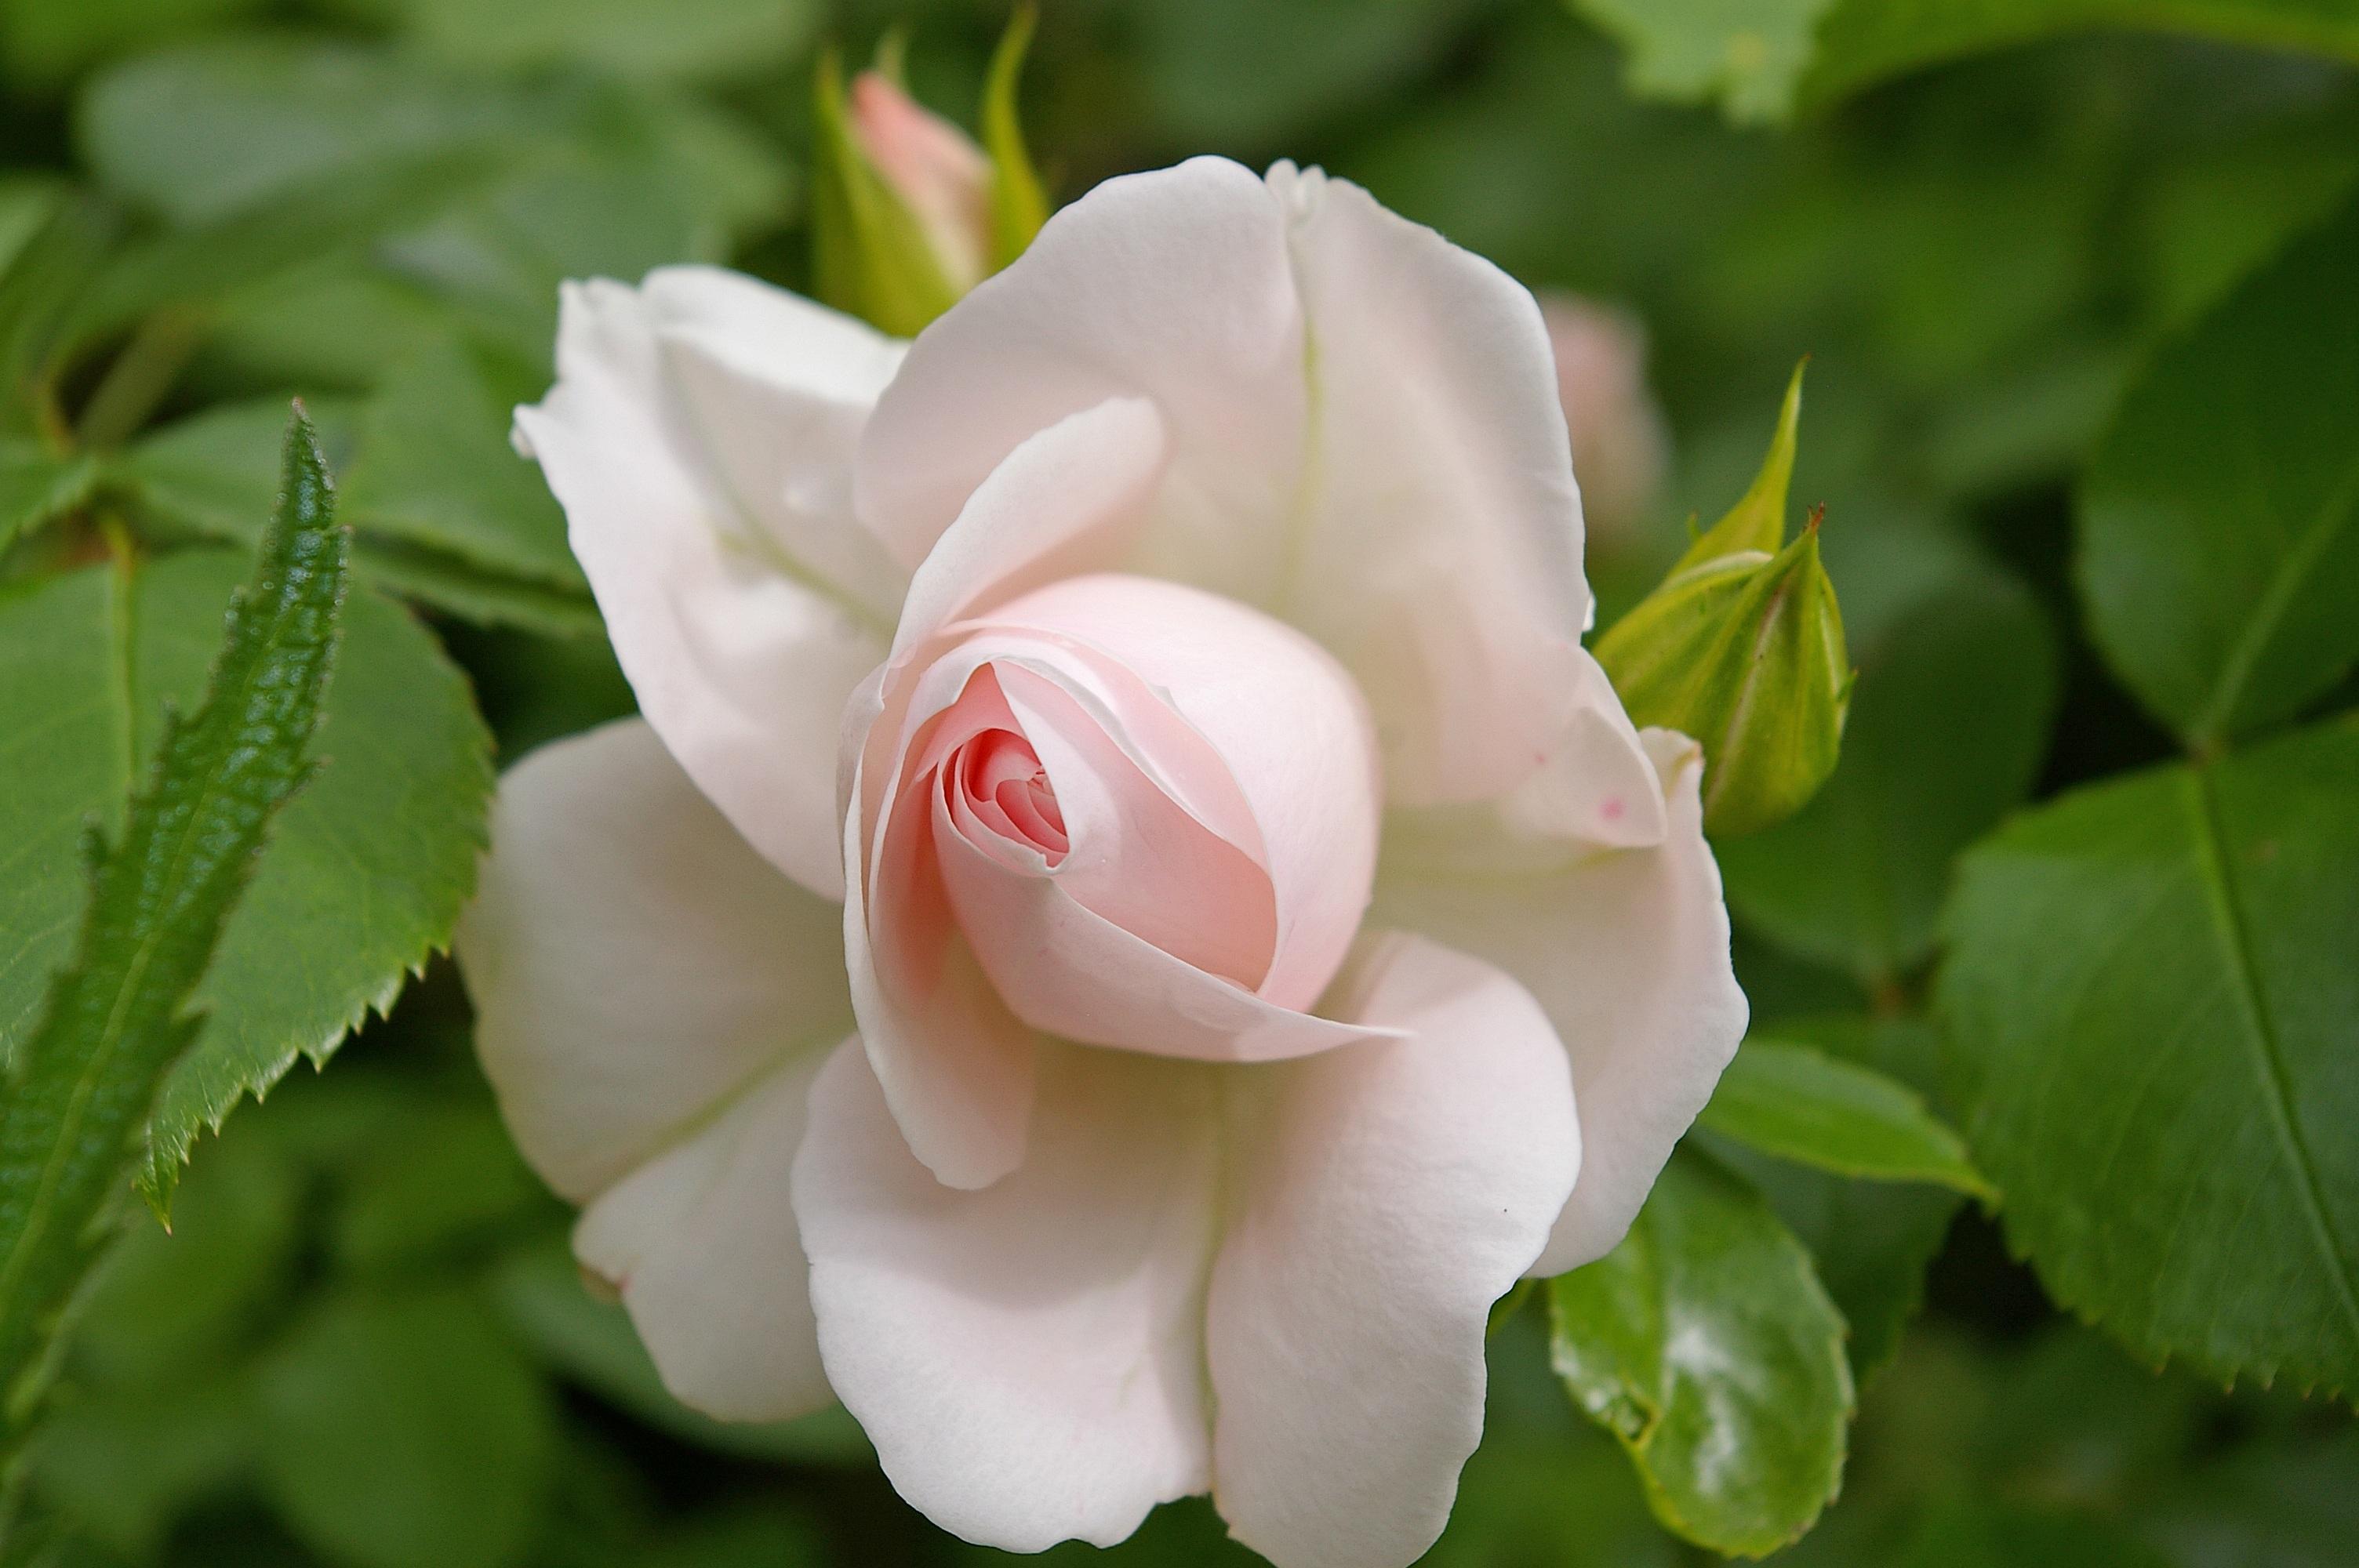 фото нежных белых цветов в природе